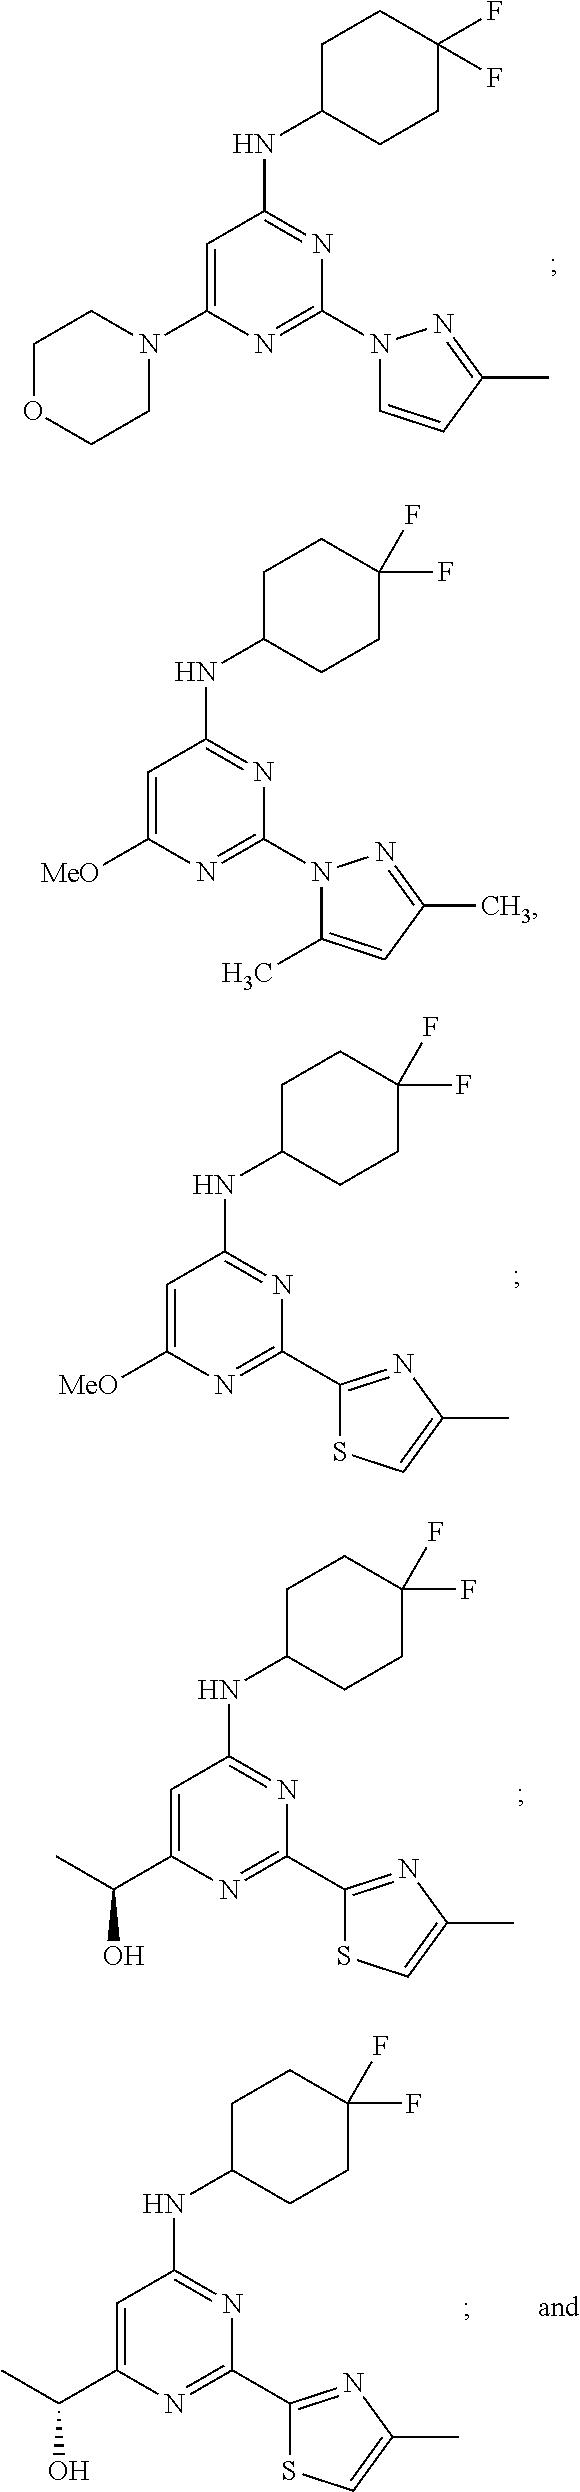 Figure US09975886-20180522-C00001